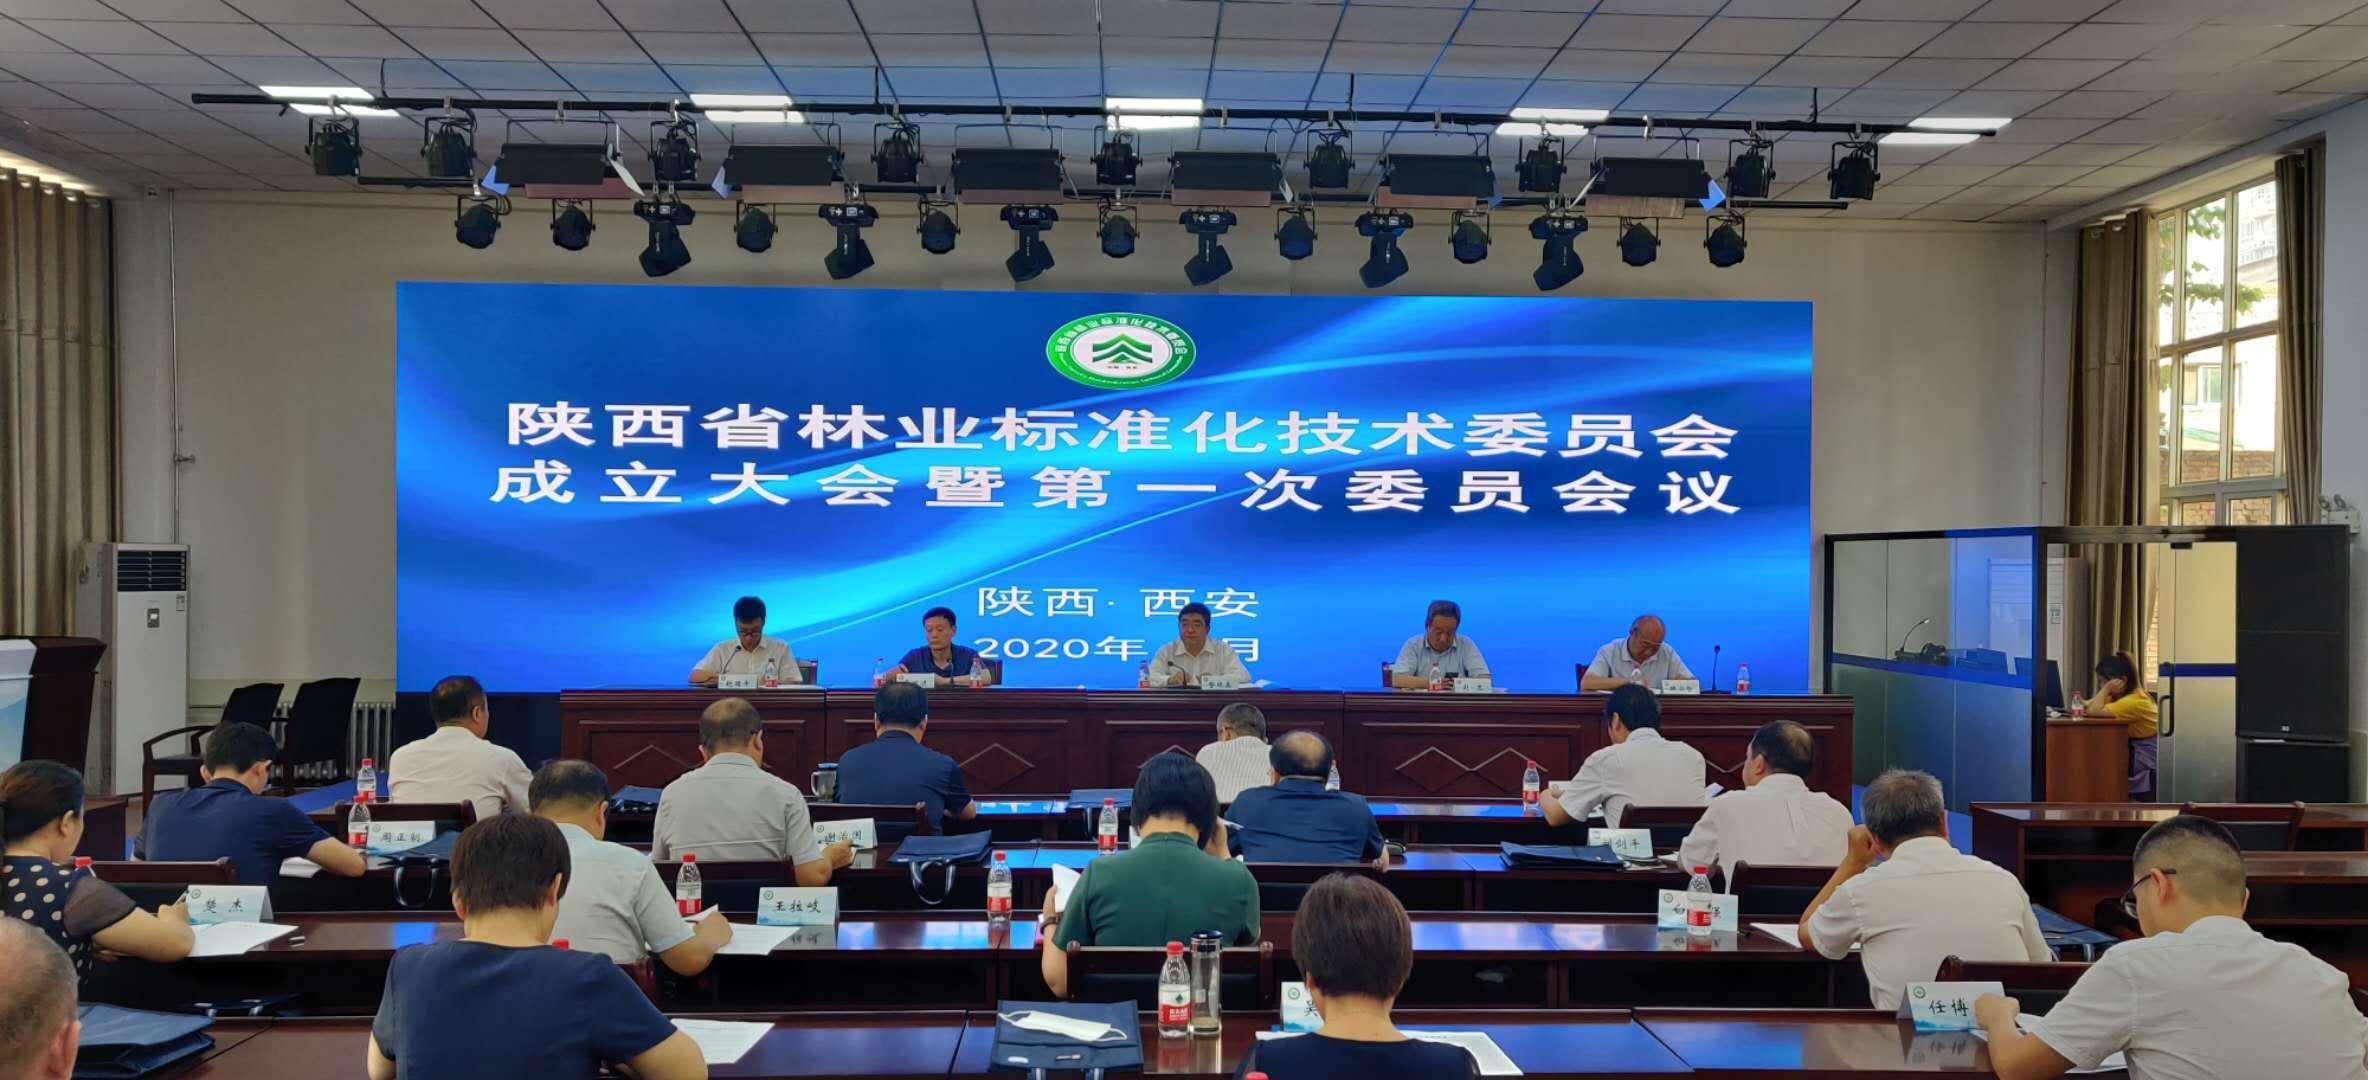 陕西省林业标准化技术委员会成立大会暨..次委员会议在西安召开